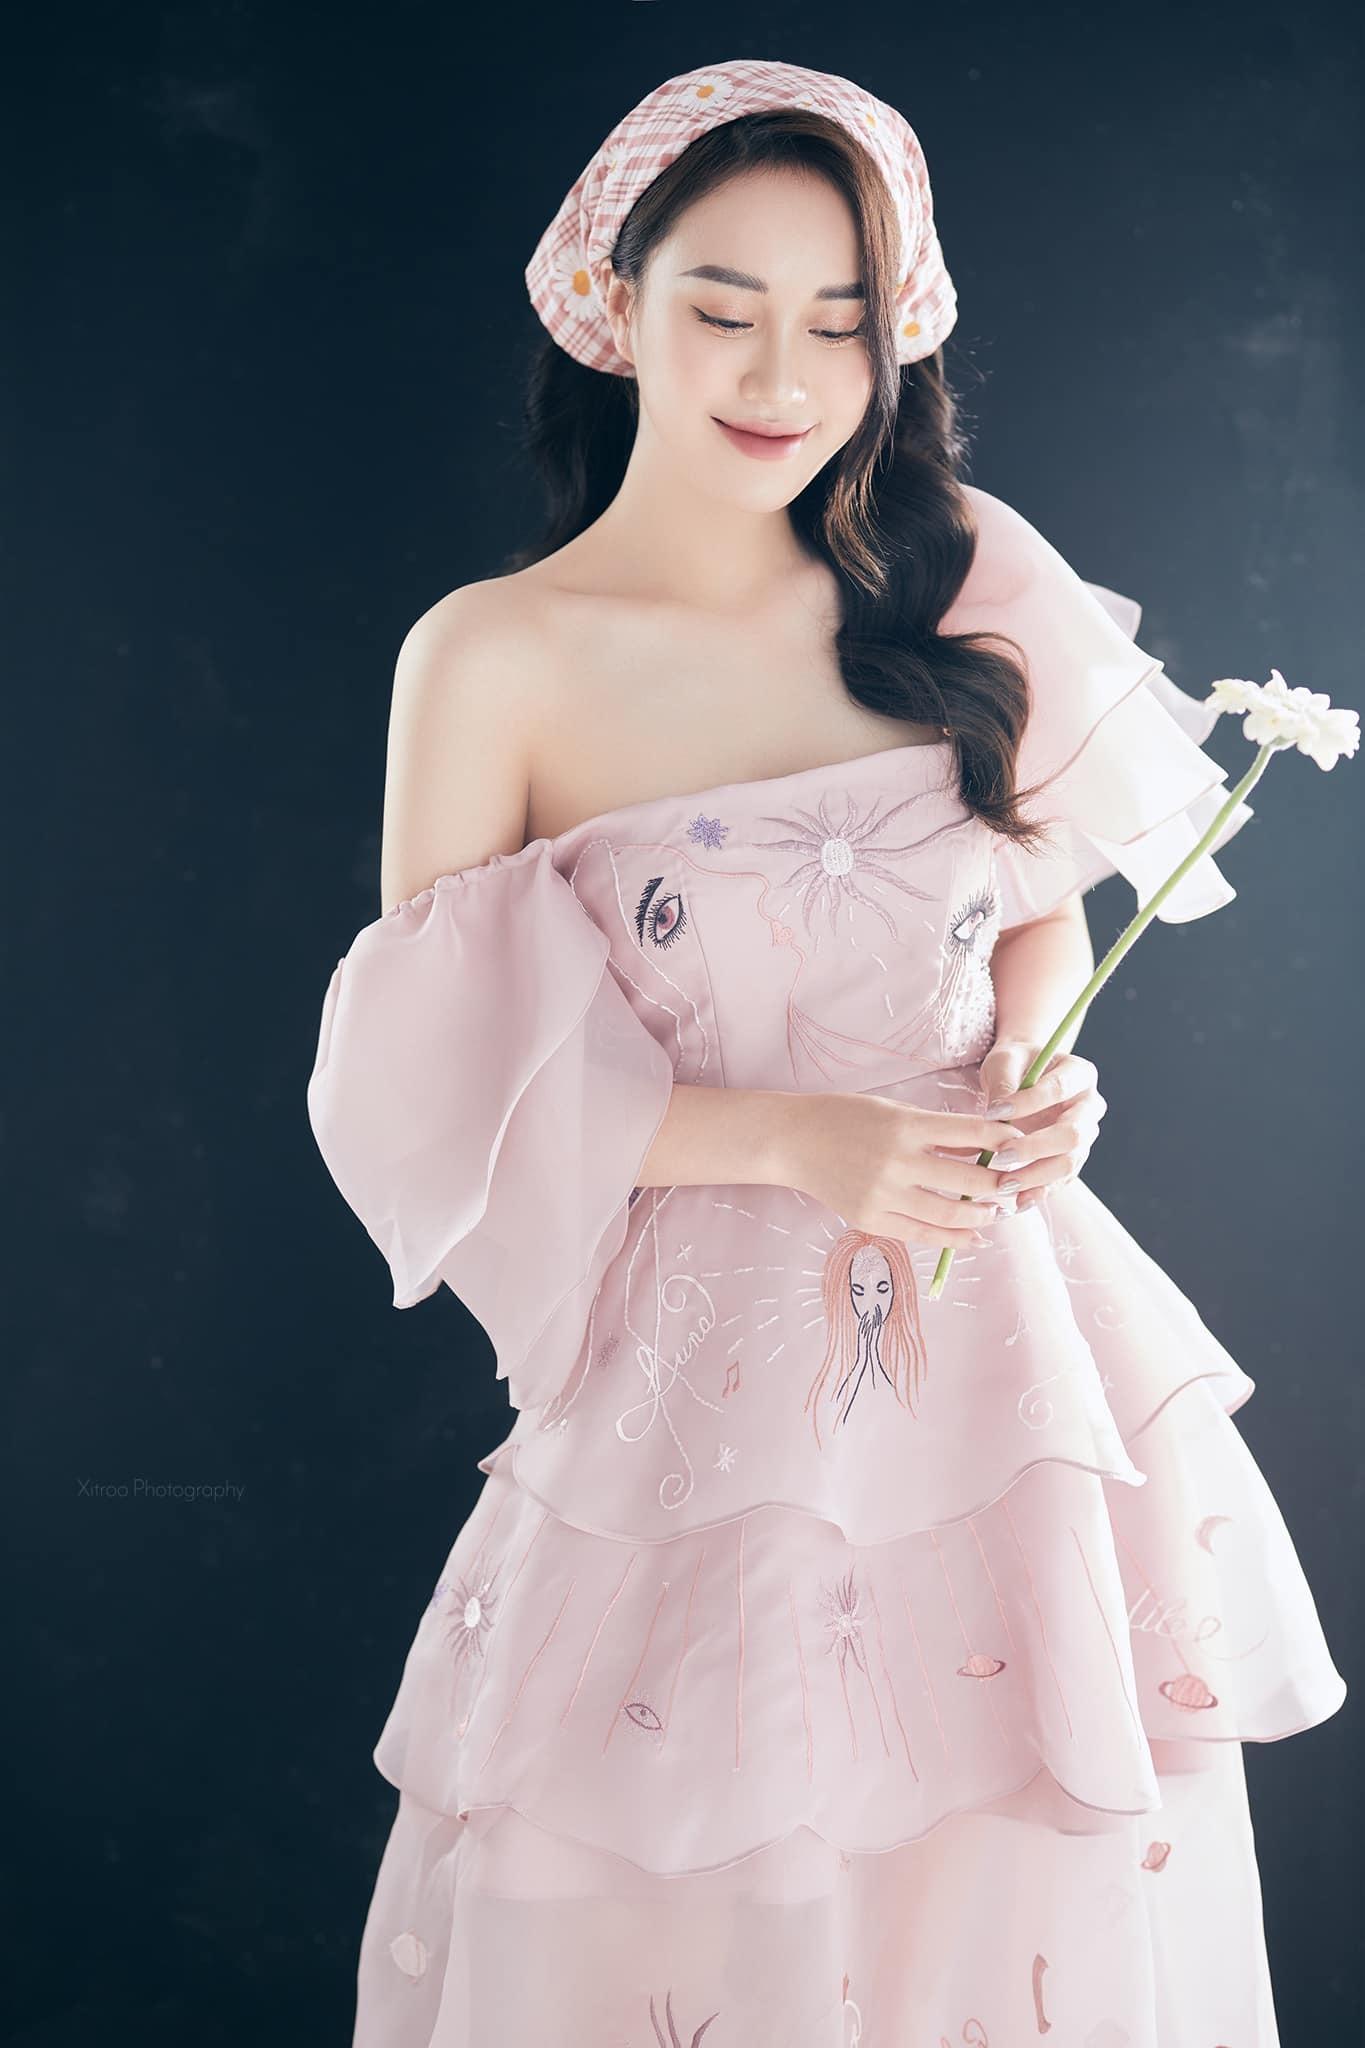 Hơn Quỳnh Kool 13 tuổi, Hồng Diễm trông vẫn trẻ đẹp